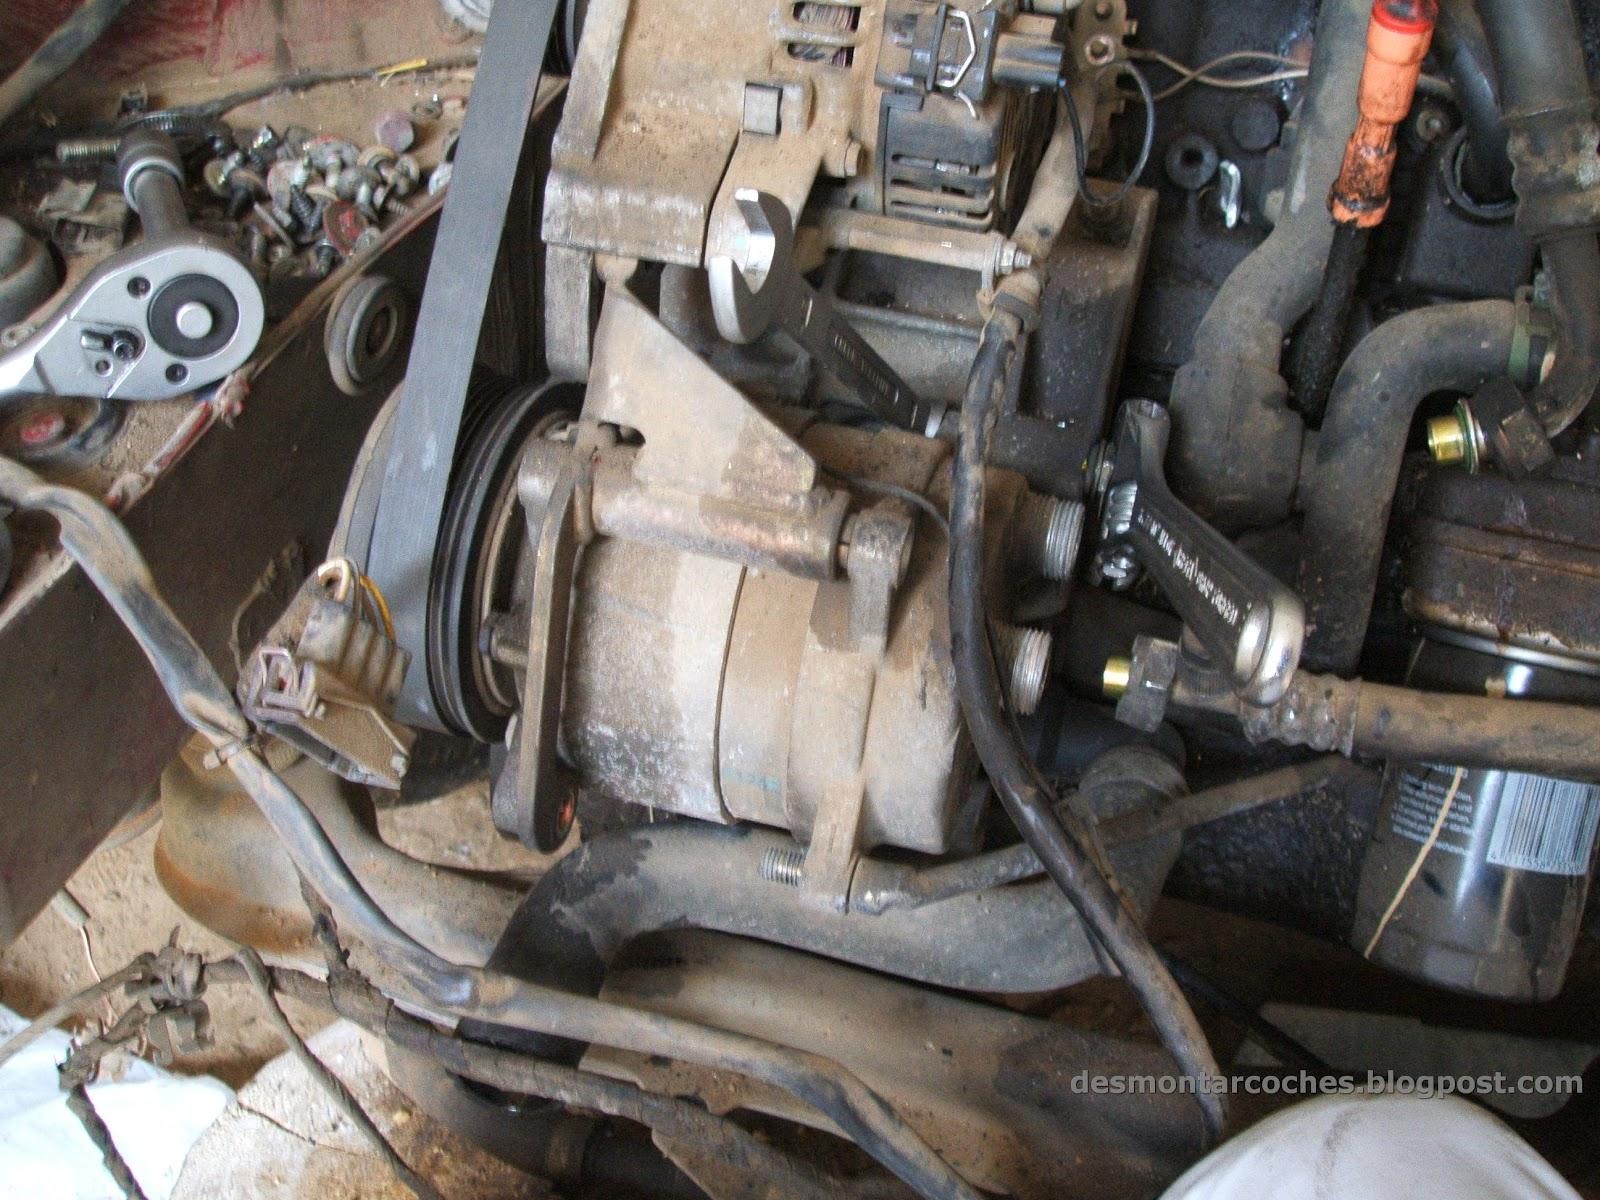 Desmontar Coches: Fotos de tipos de compresores de aire ...